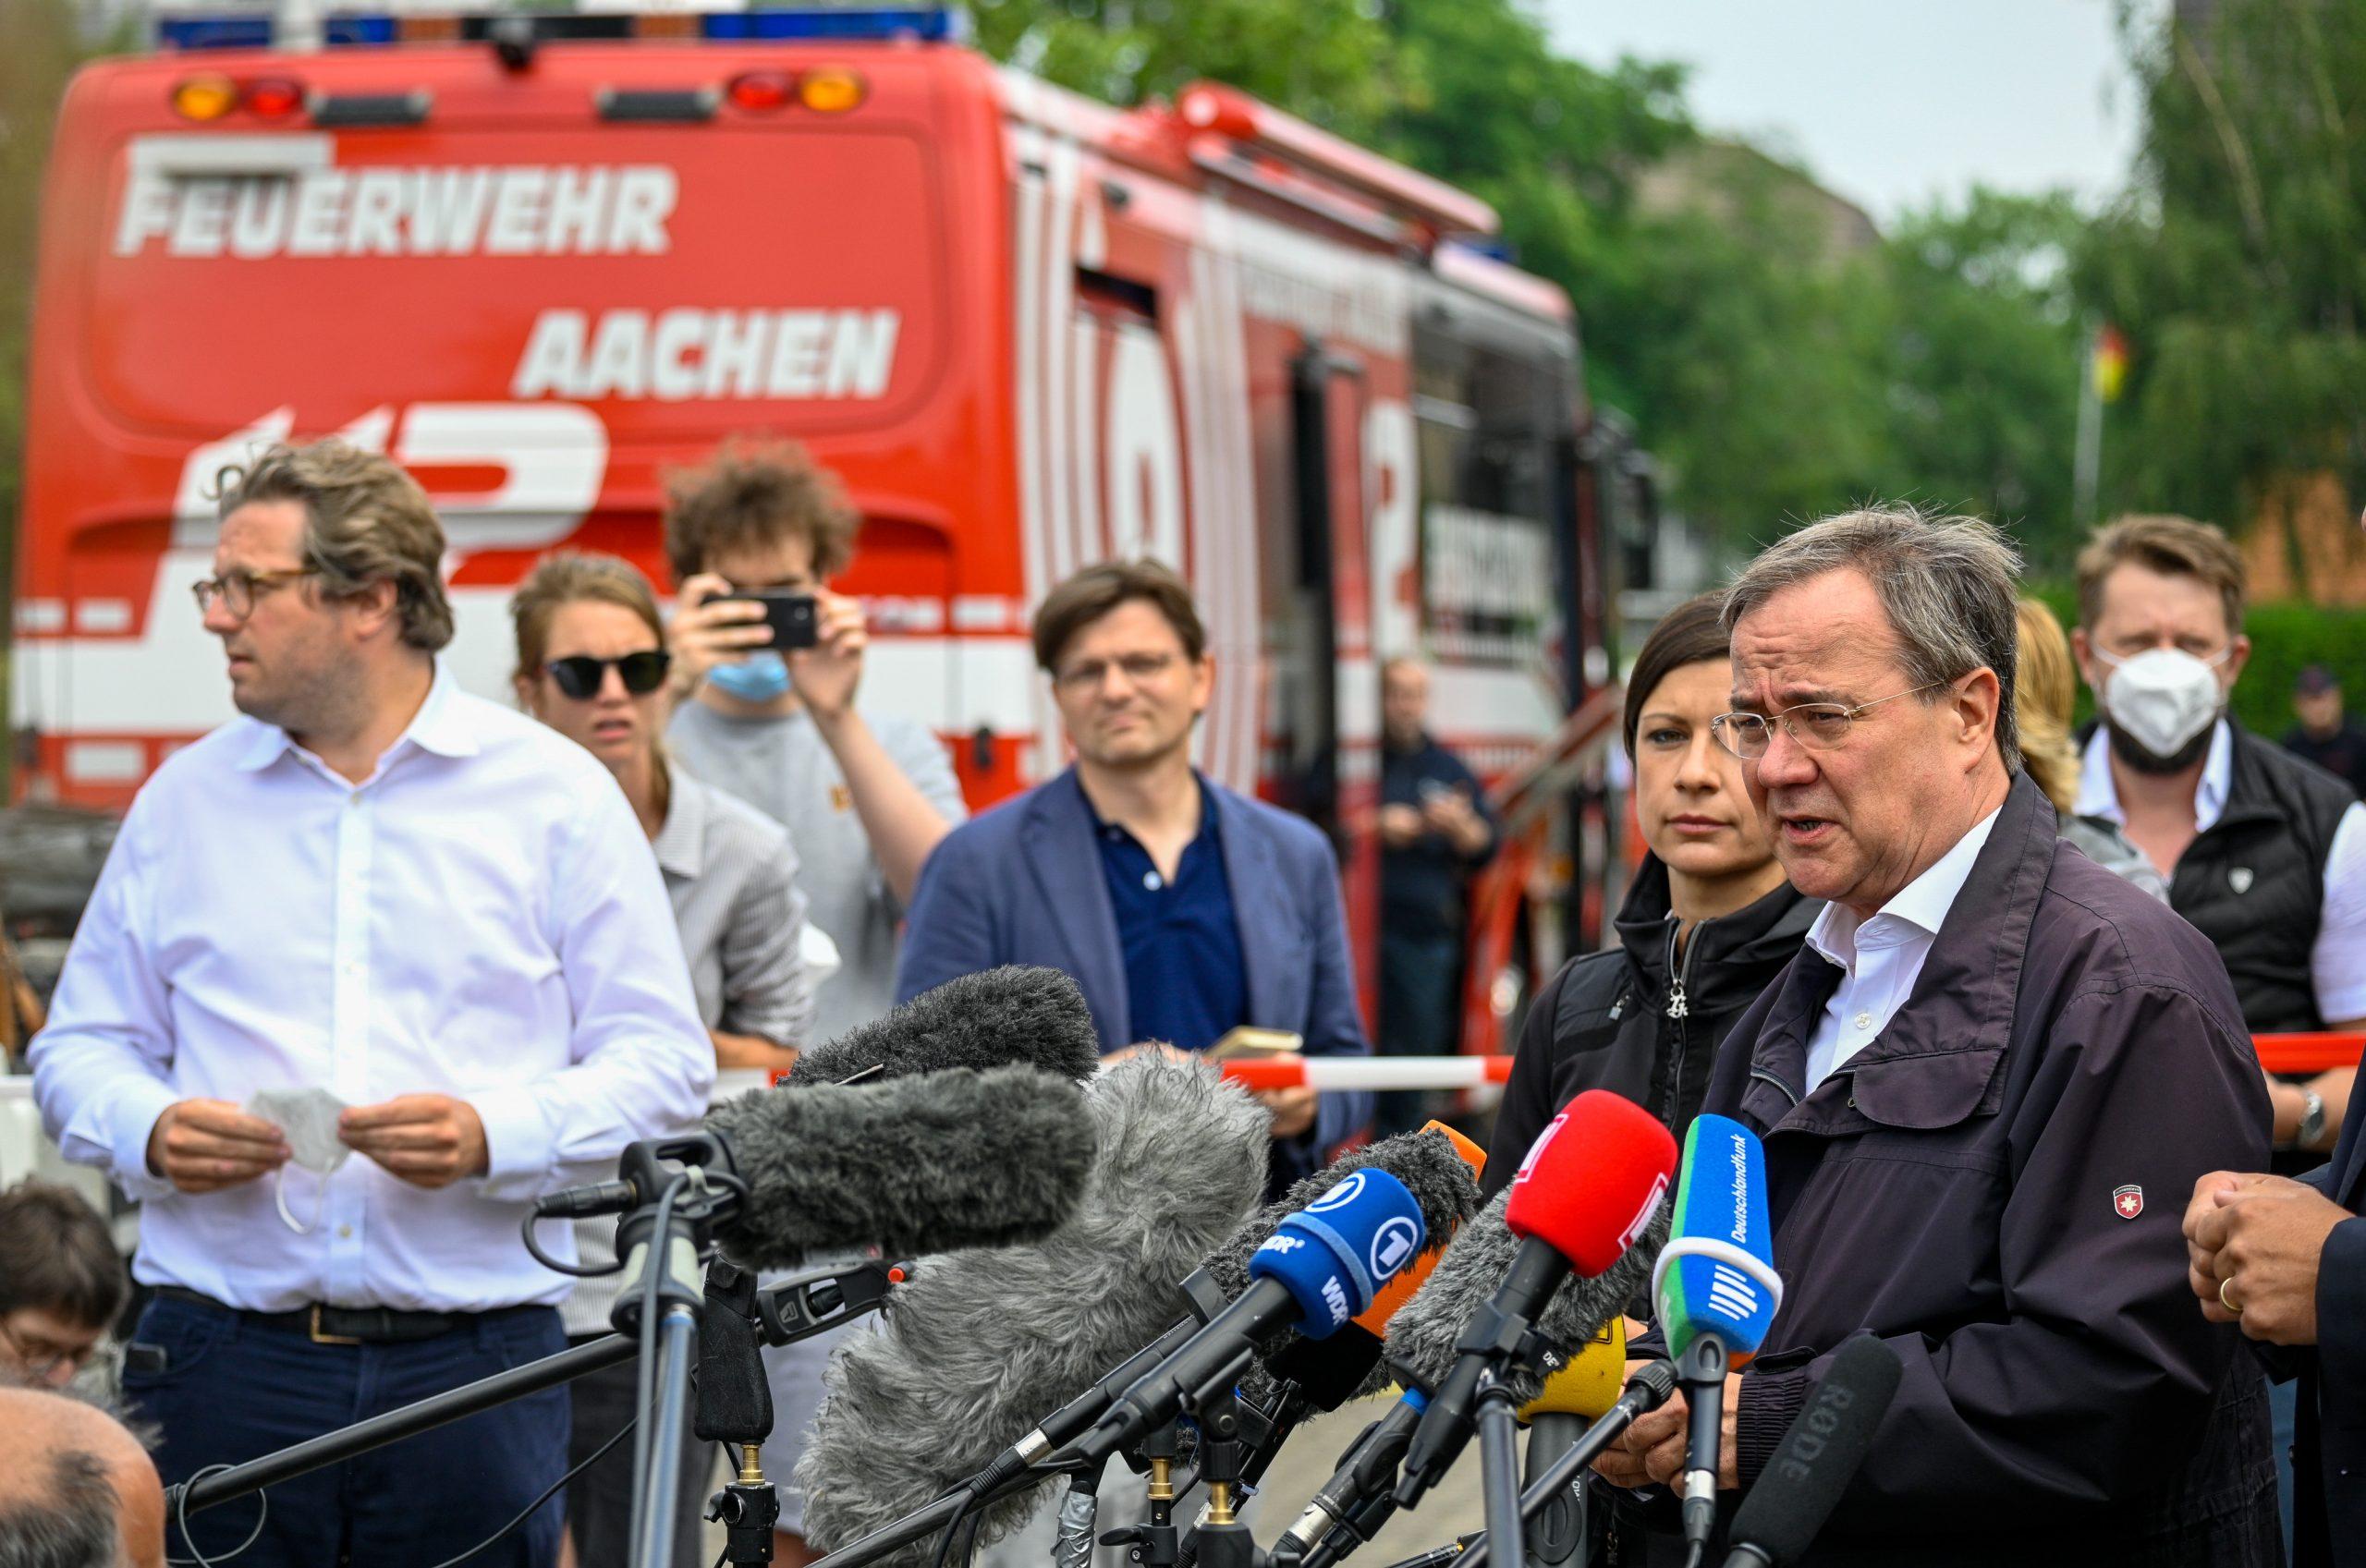 Lachender Laschet in Erftstadt sorgt für empörte Reaktionen